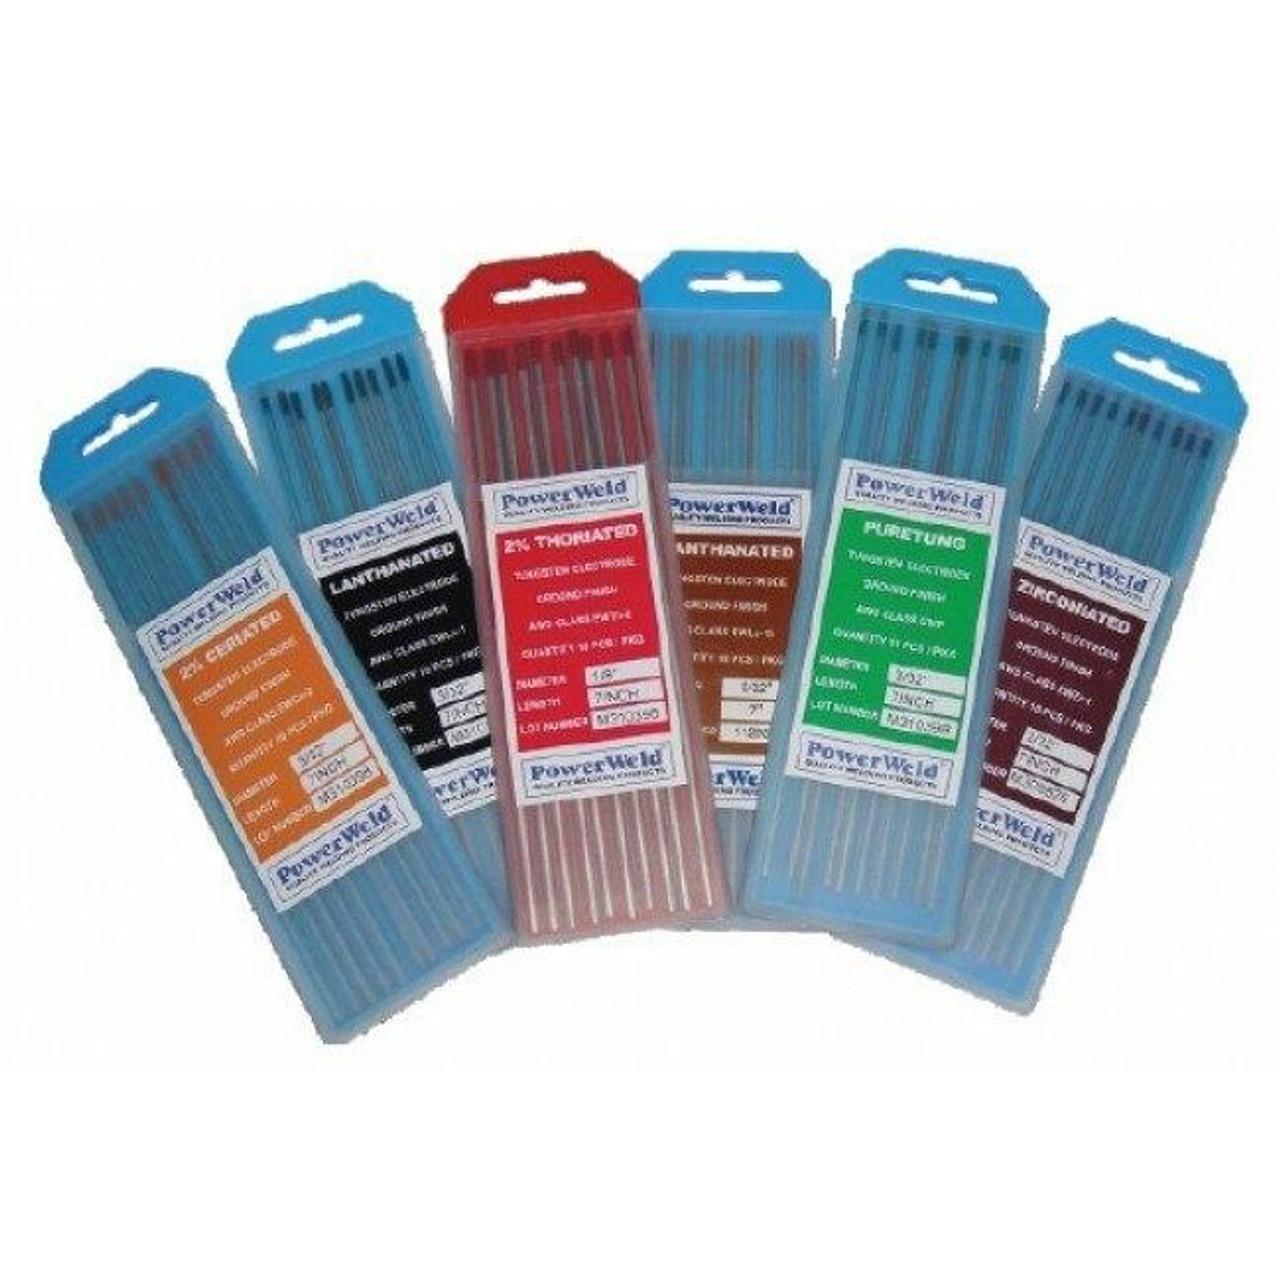 Powerweld Pure Unalloyed Ground Tungsten Electrodes .040 x 7 10 Pack